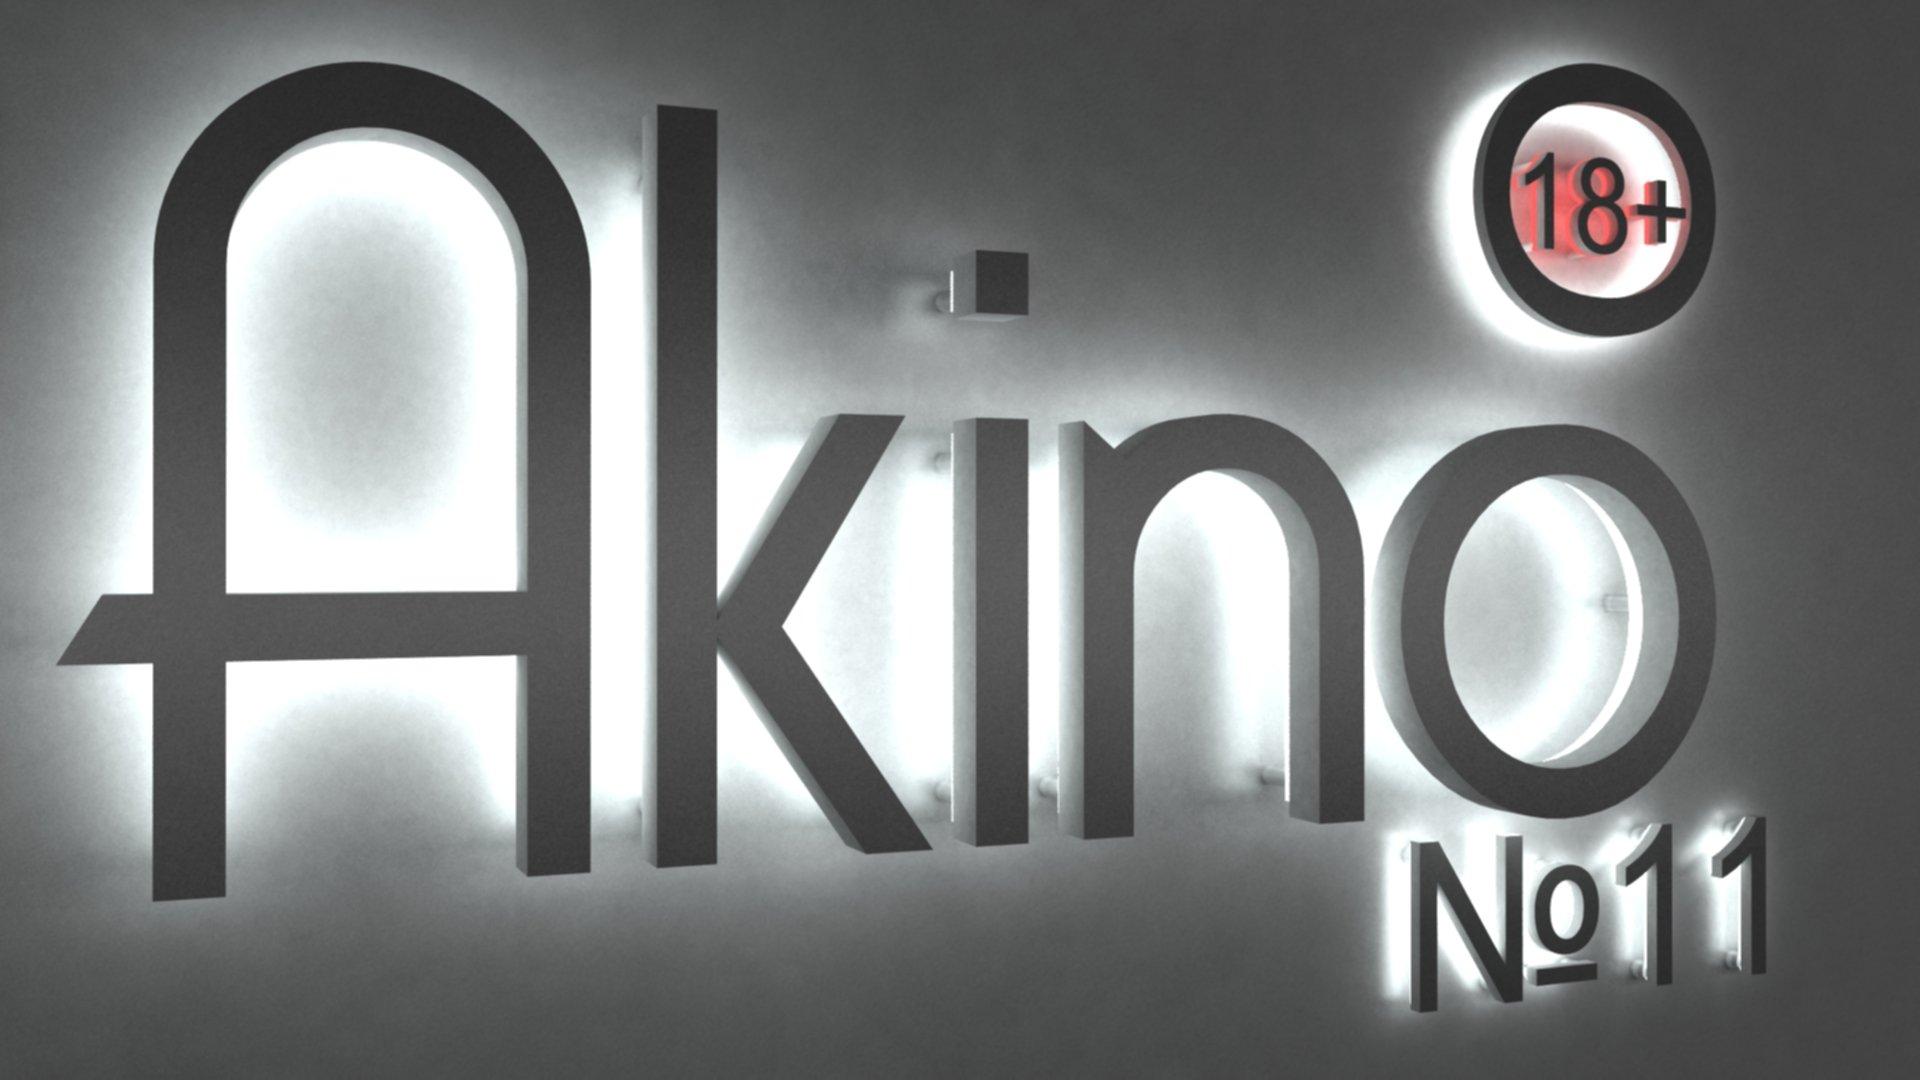 Подкаст AkiNO Выпуск № 11 (18+) - Изображение 1